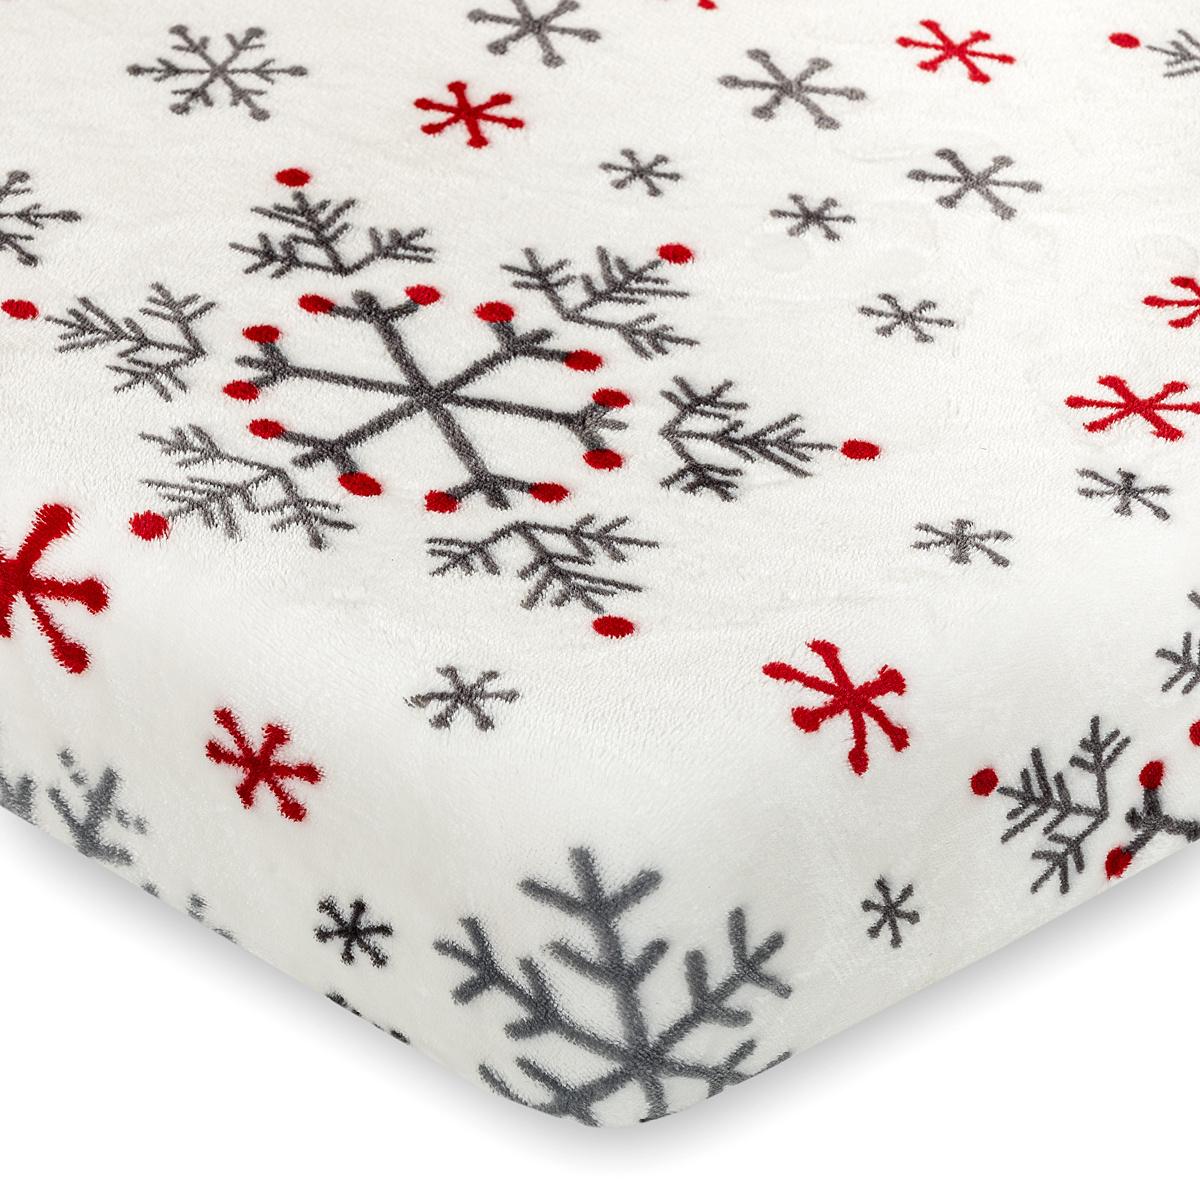 4Home Vánoční prostěradlo mikroflanel Snowflakes, 180 x 200 cm